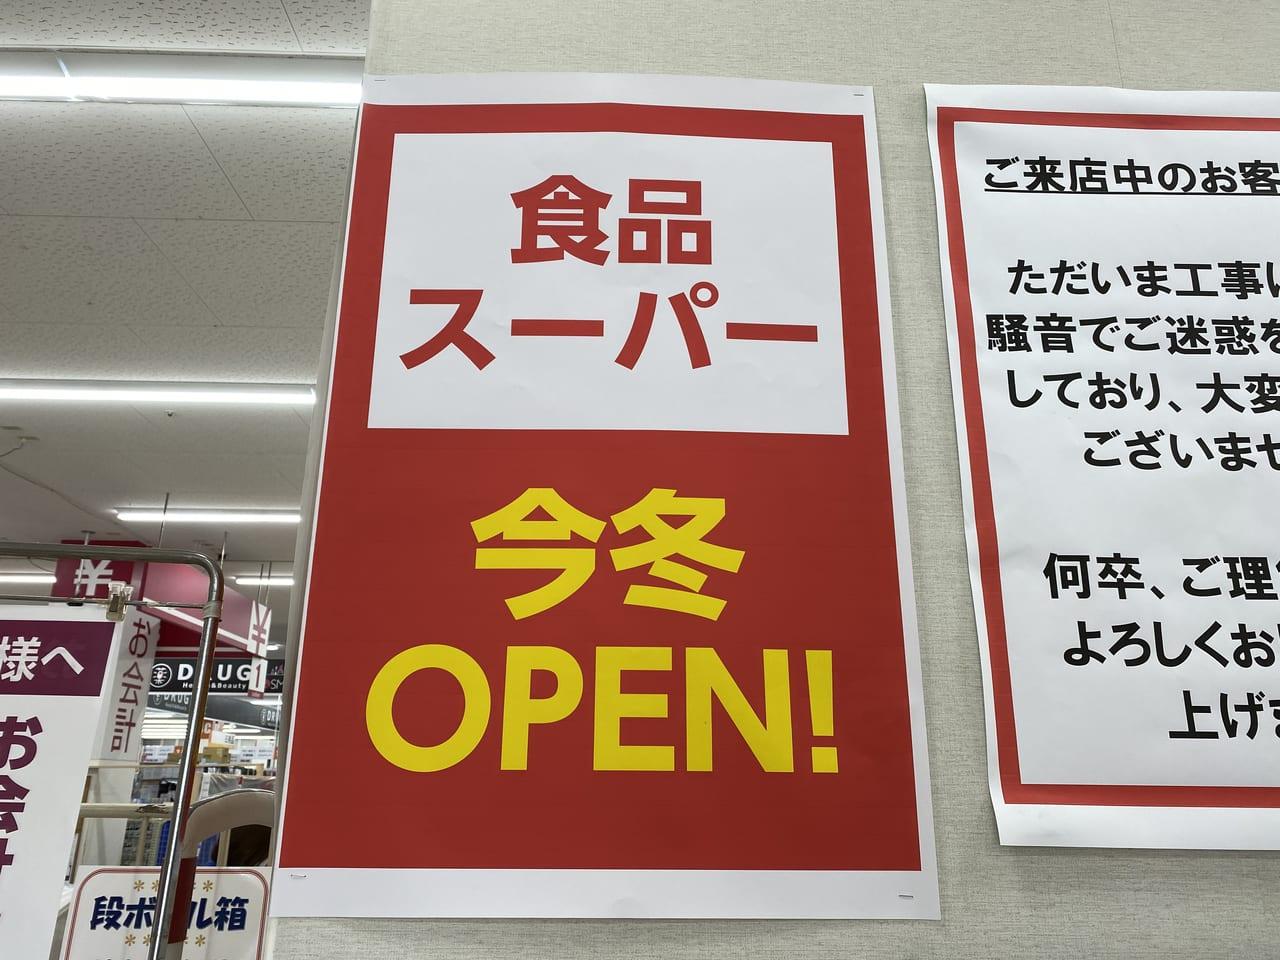 オープンのおしらせ